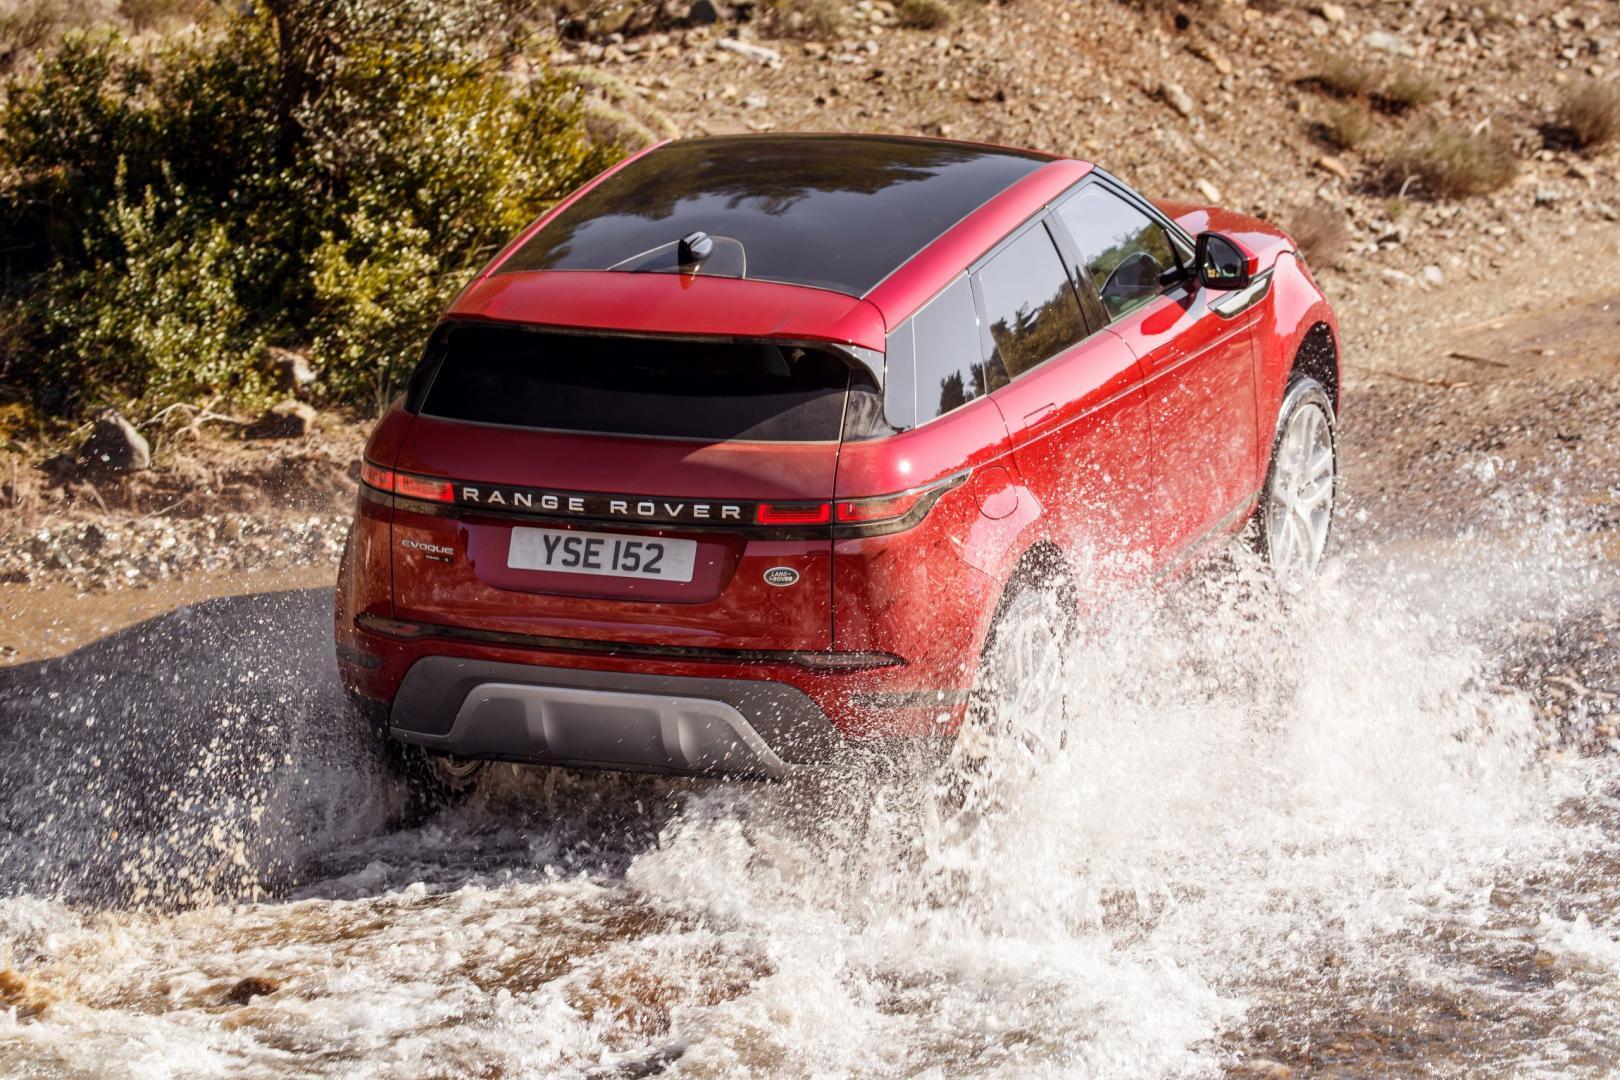 Range Rover Evoque S P250 water rivier